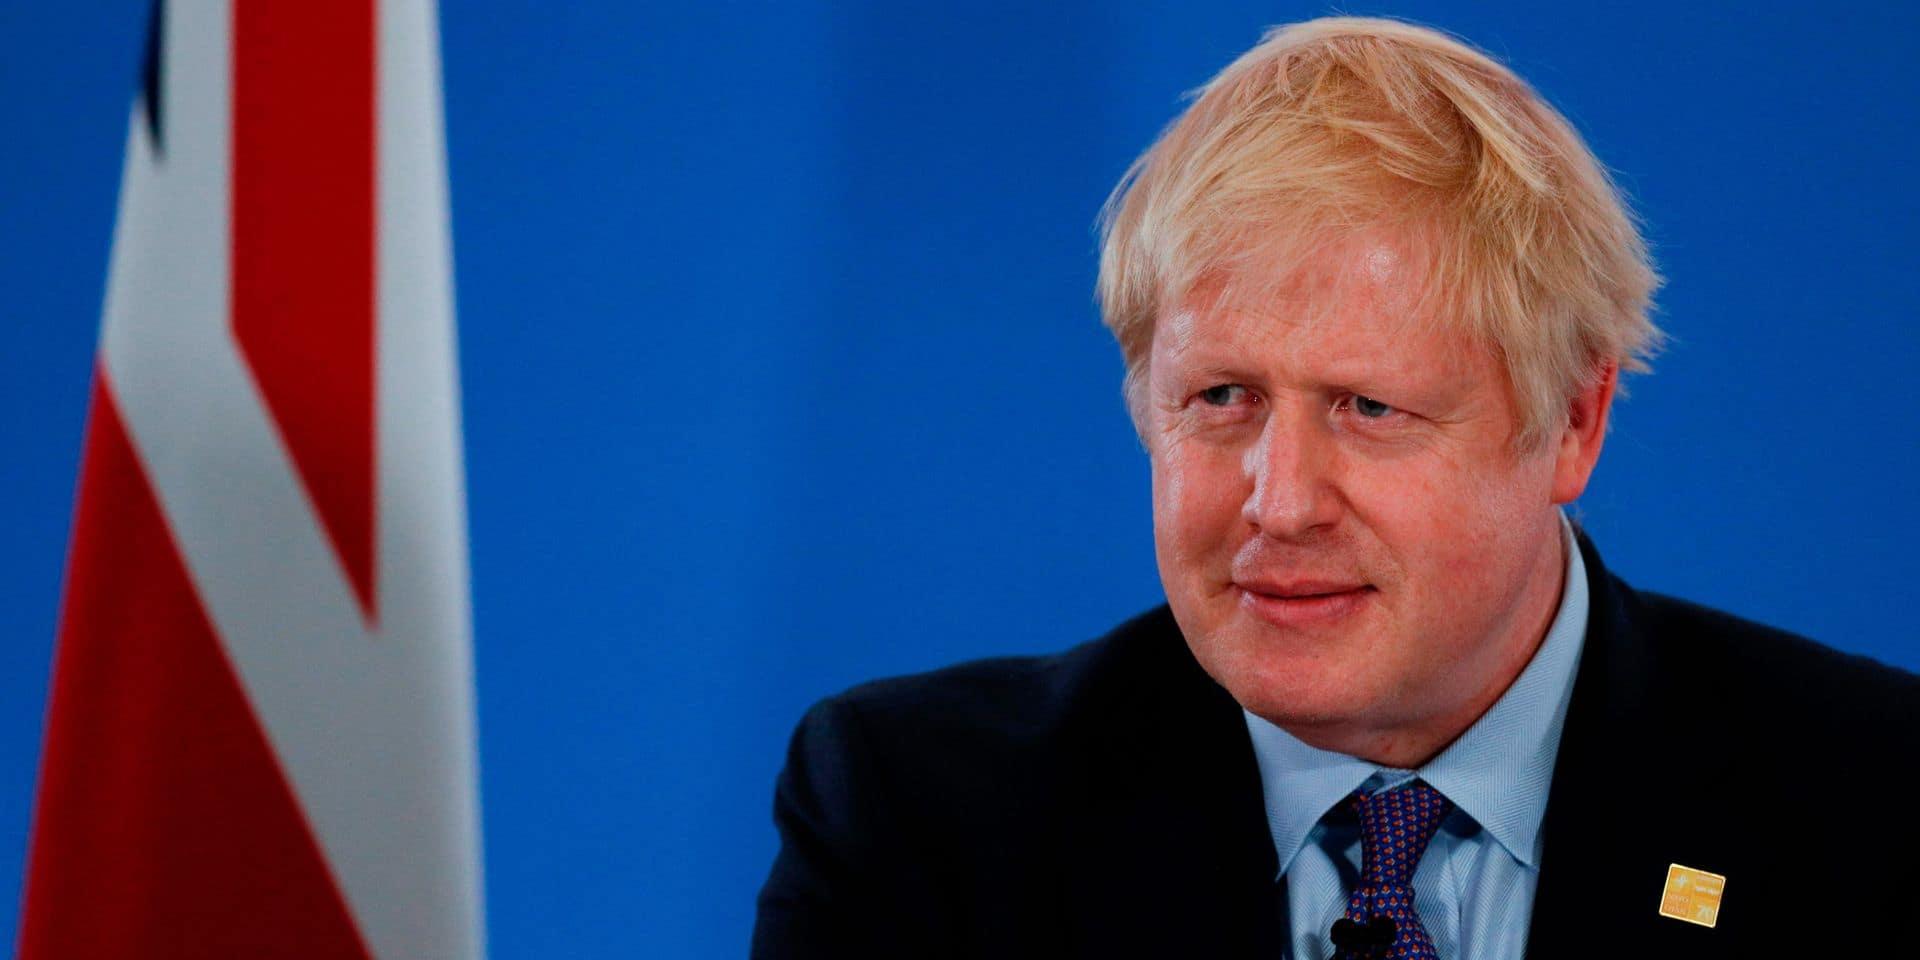 Pour Boris Johnson, le Brexit aura un effet sur la libido des Britanniques